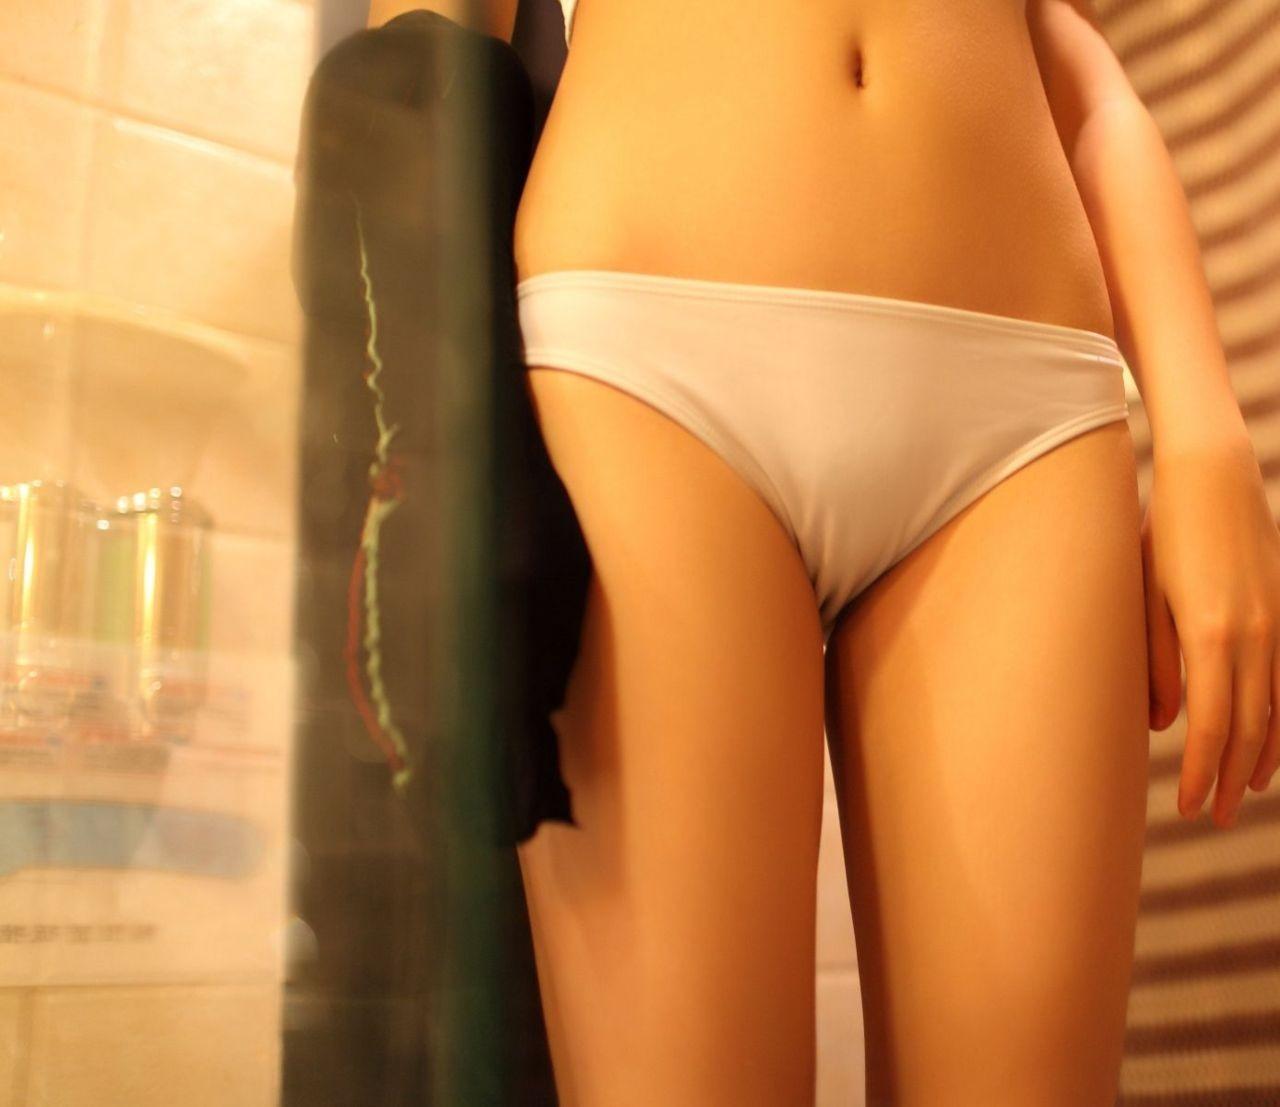 【下着エロ画像】薄布の下にはもちろん…パンツを履いただけの股間に接近!